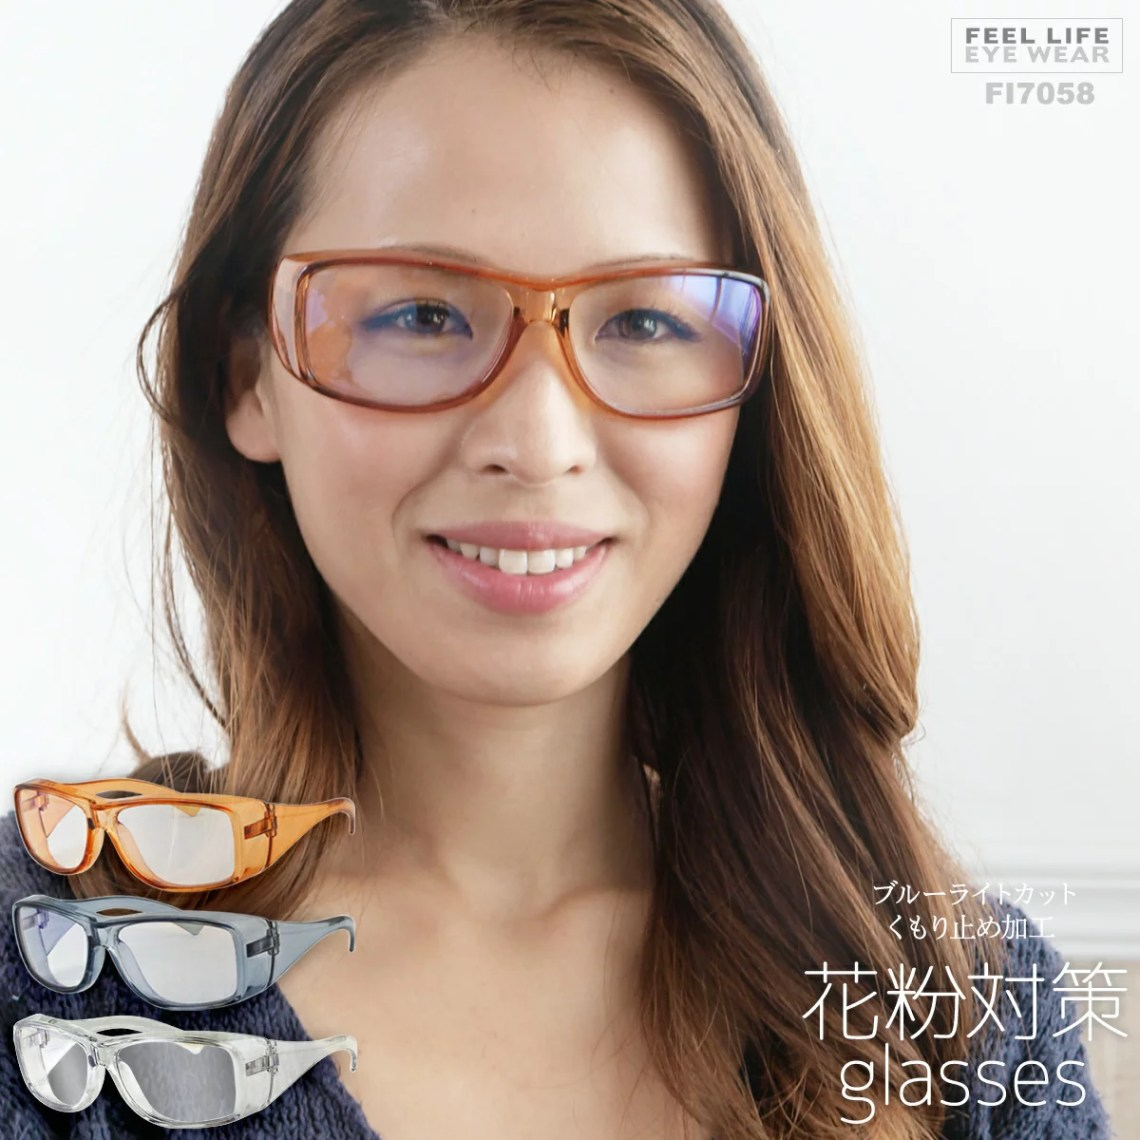 花粉症対策 メガネ おしゃれ 眼鏡 かっこいい 花粉メガネ 花粉症 クリア ブルーライトカット 大人